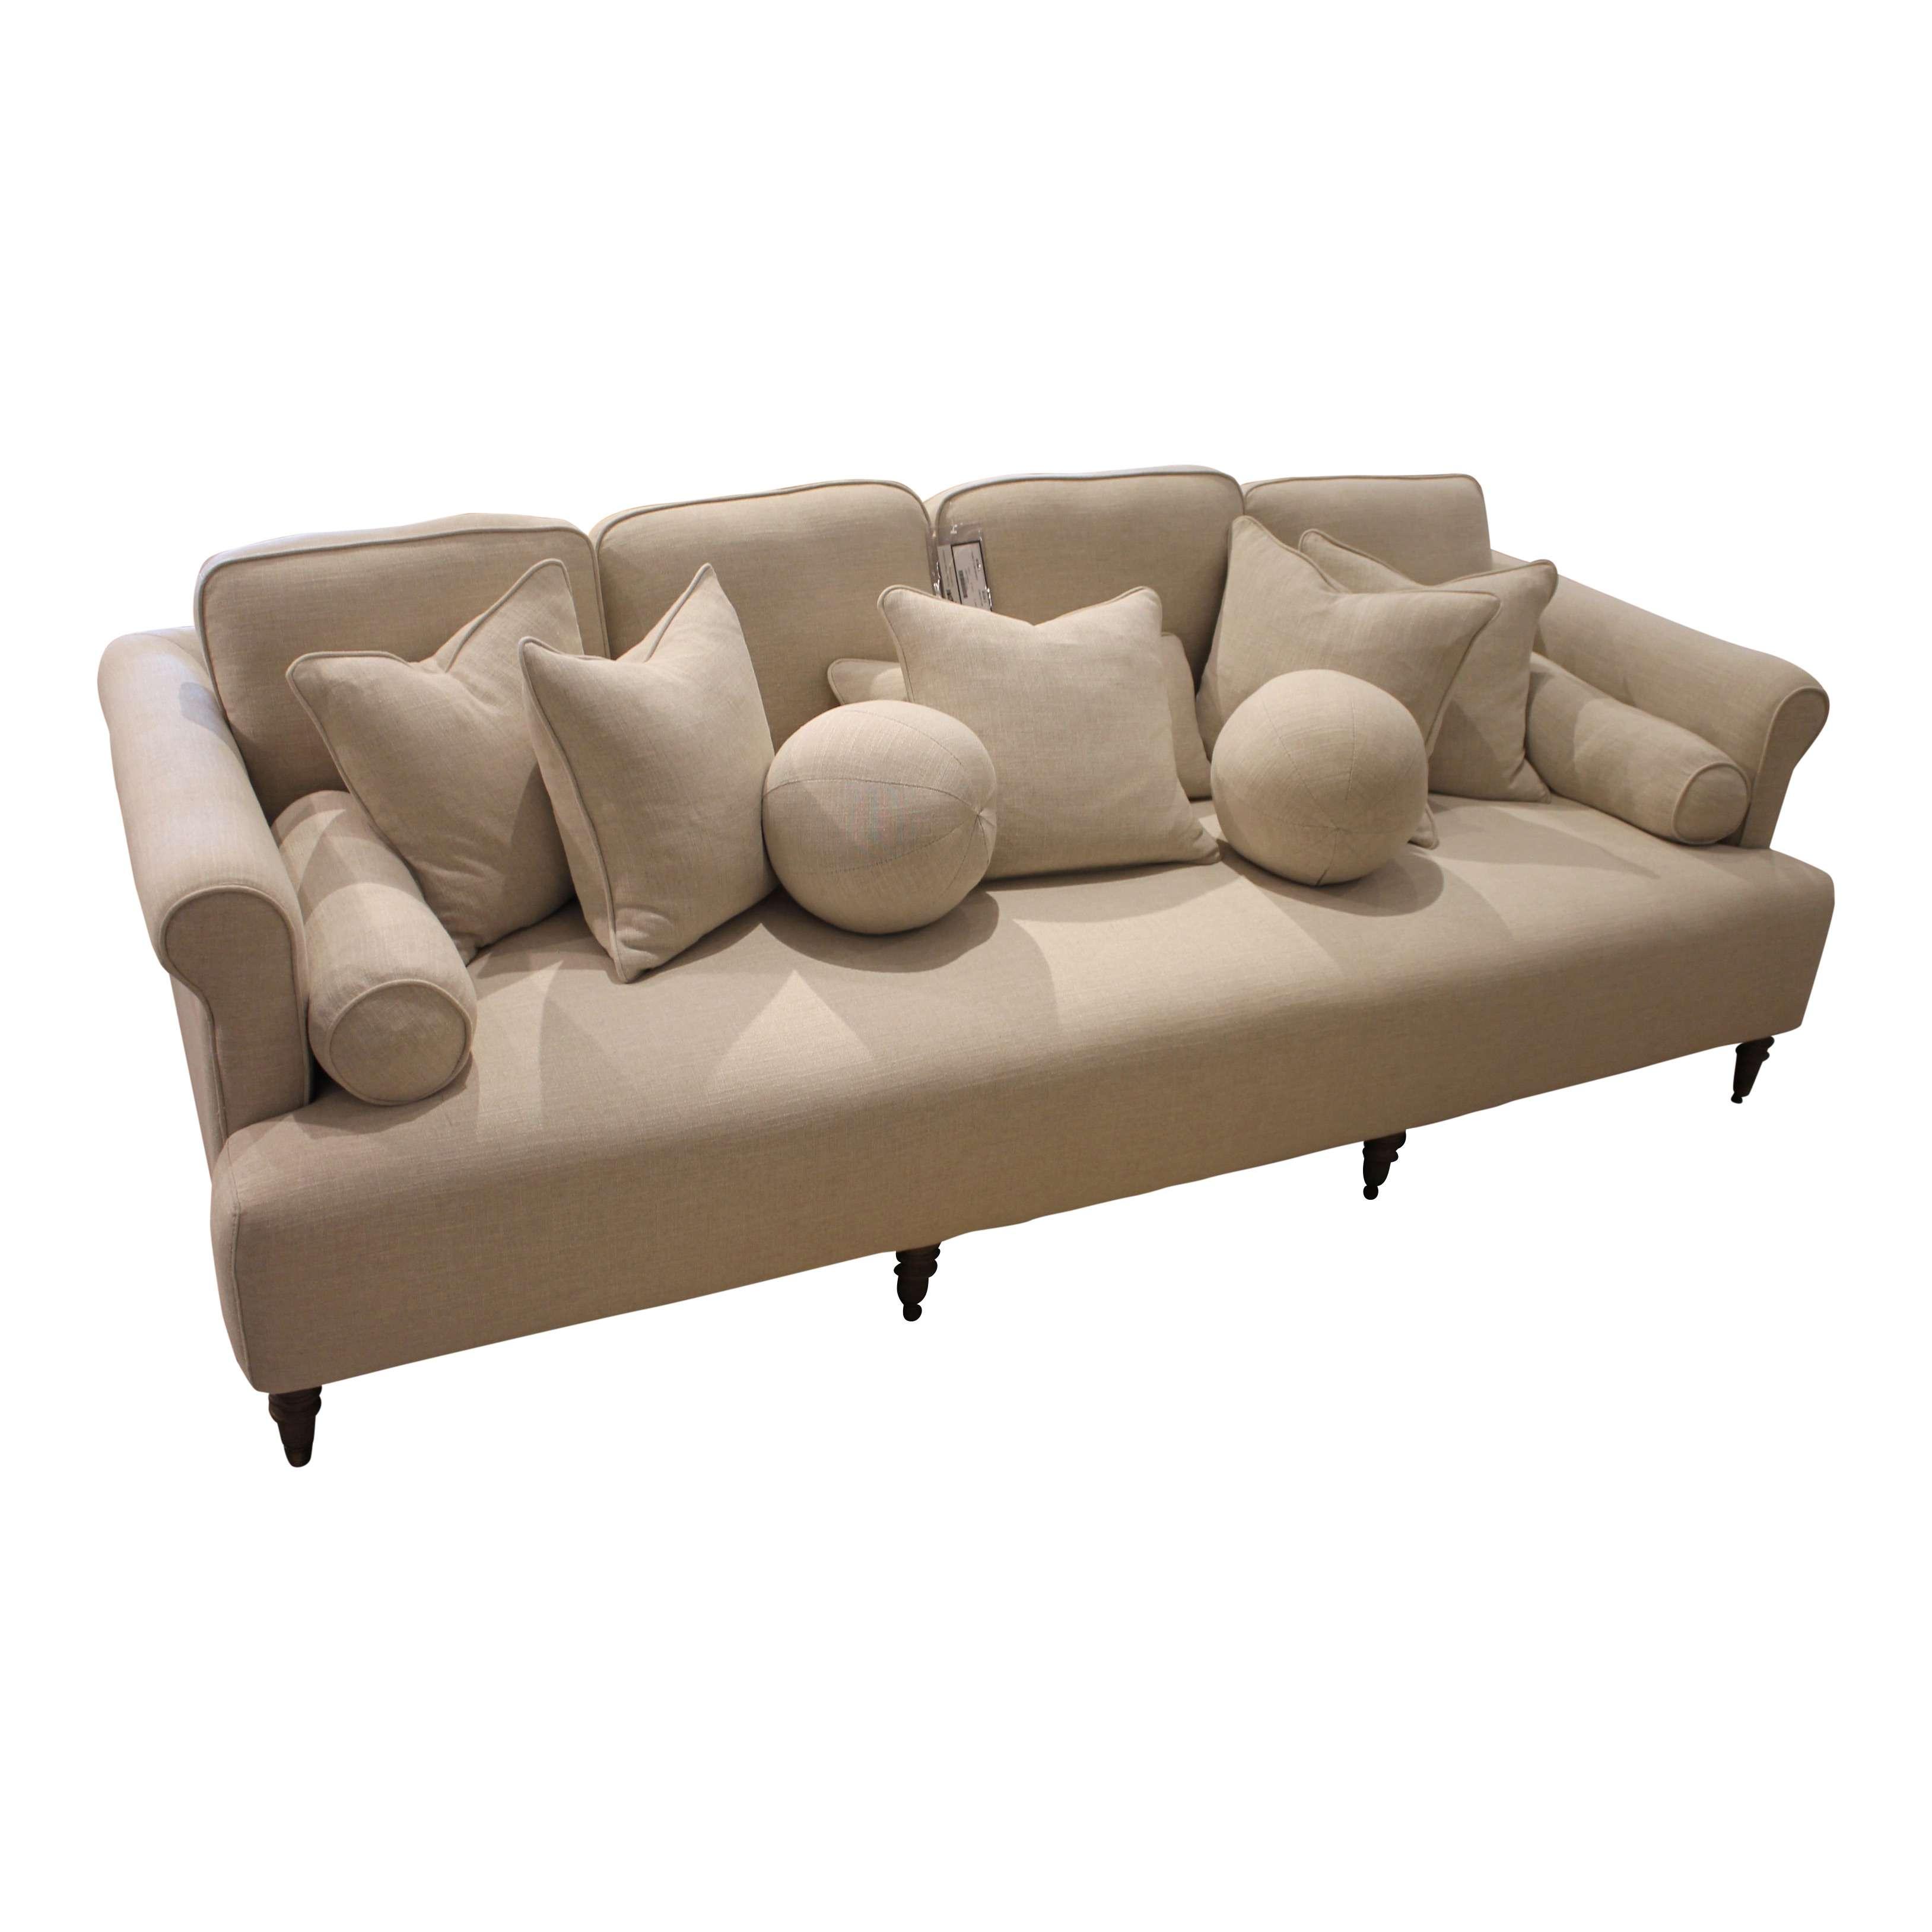 Extra Deep Sofa Fabulous With Extra Deep Sofa Interesting Cool Extra Deep Sofa Design In Adams